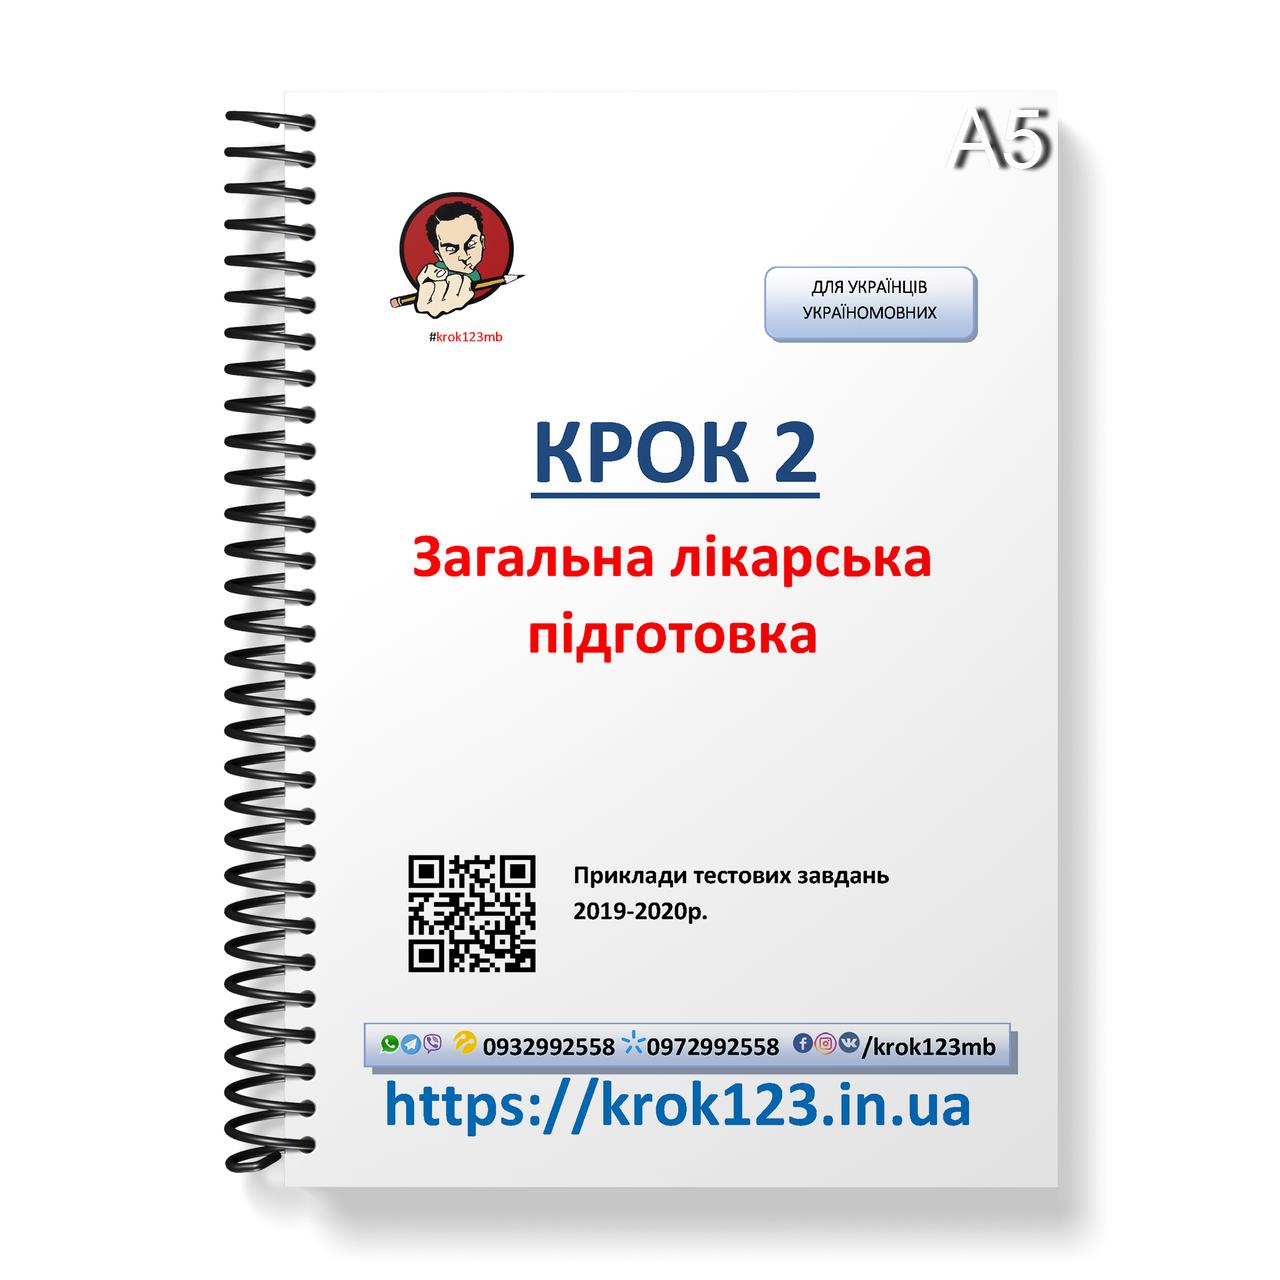 Крок 2. Медицина. ЕГКЭ (Примеры тестовых заданий) 2019-2020. Для украинцев украиноязычных. Формат А5